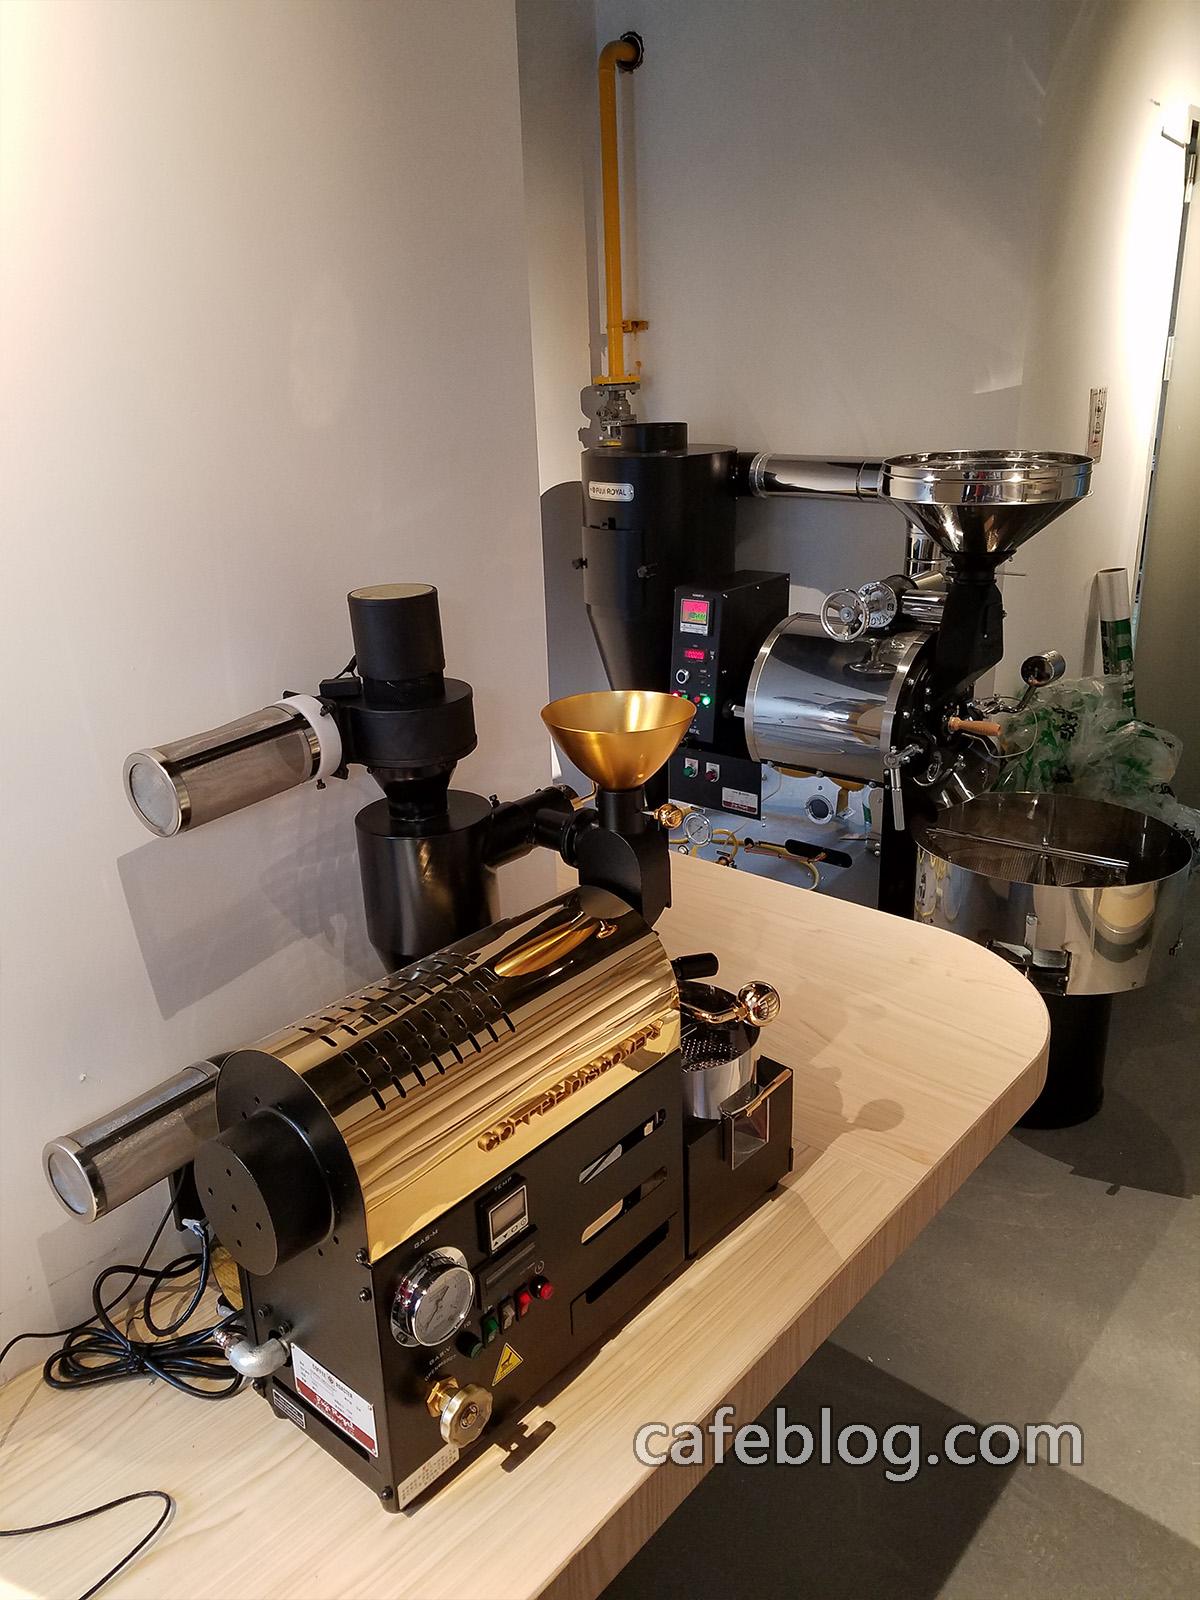 富士皇家DISCOVERY(250克)咖啡烘焙机和富士皇家R-105(5公斤)咖啡烘焙机